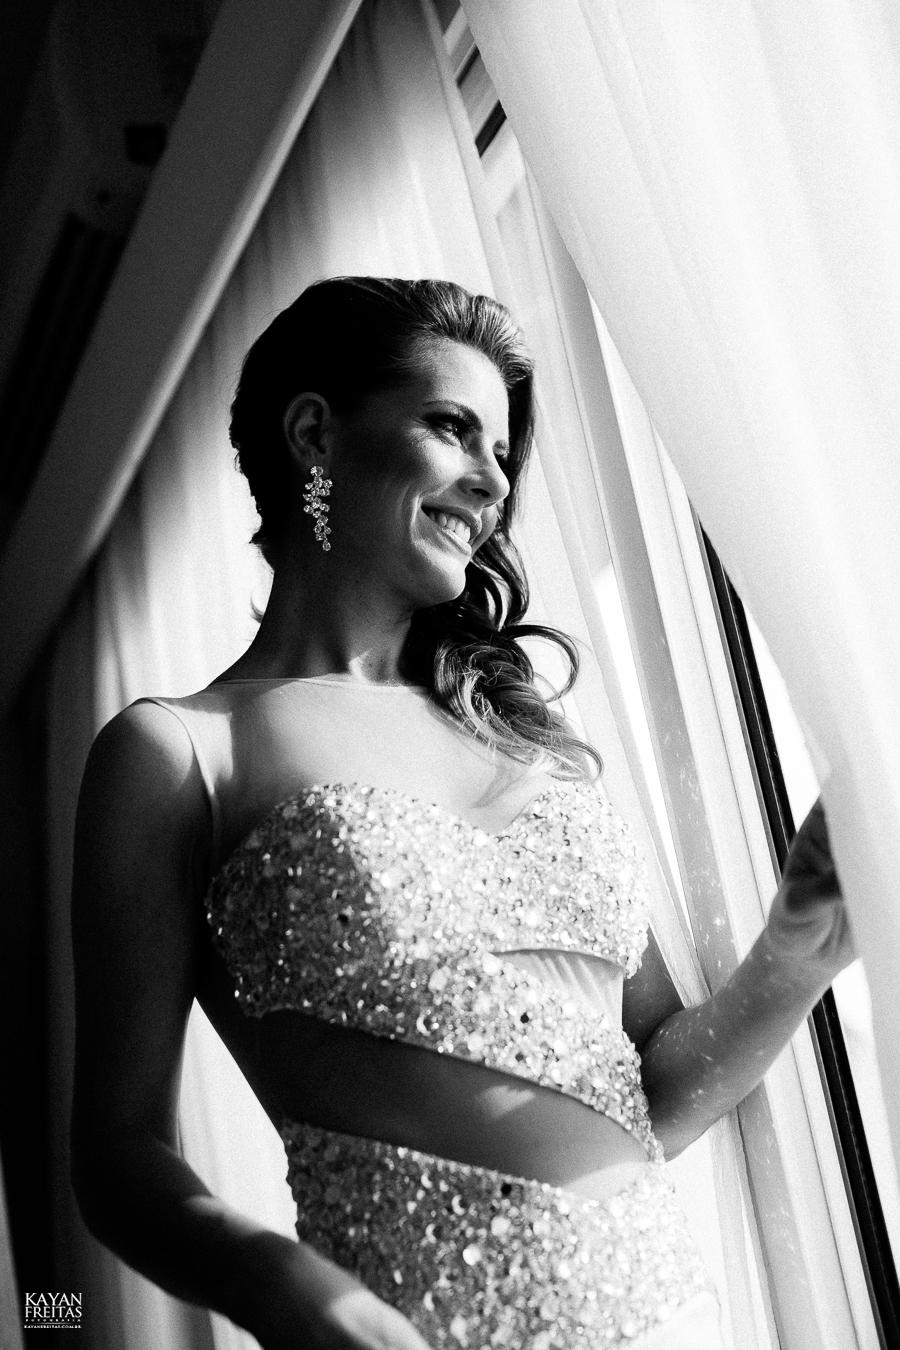 fotografo-casamento-florianopolis-jeg-0040 Joice + George - Casamento em Florianópolis - Hóteis Costa Norte